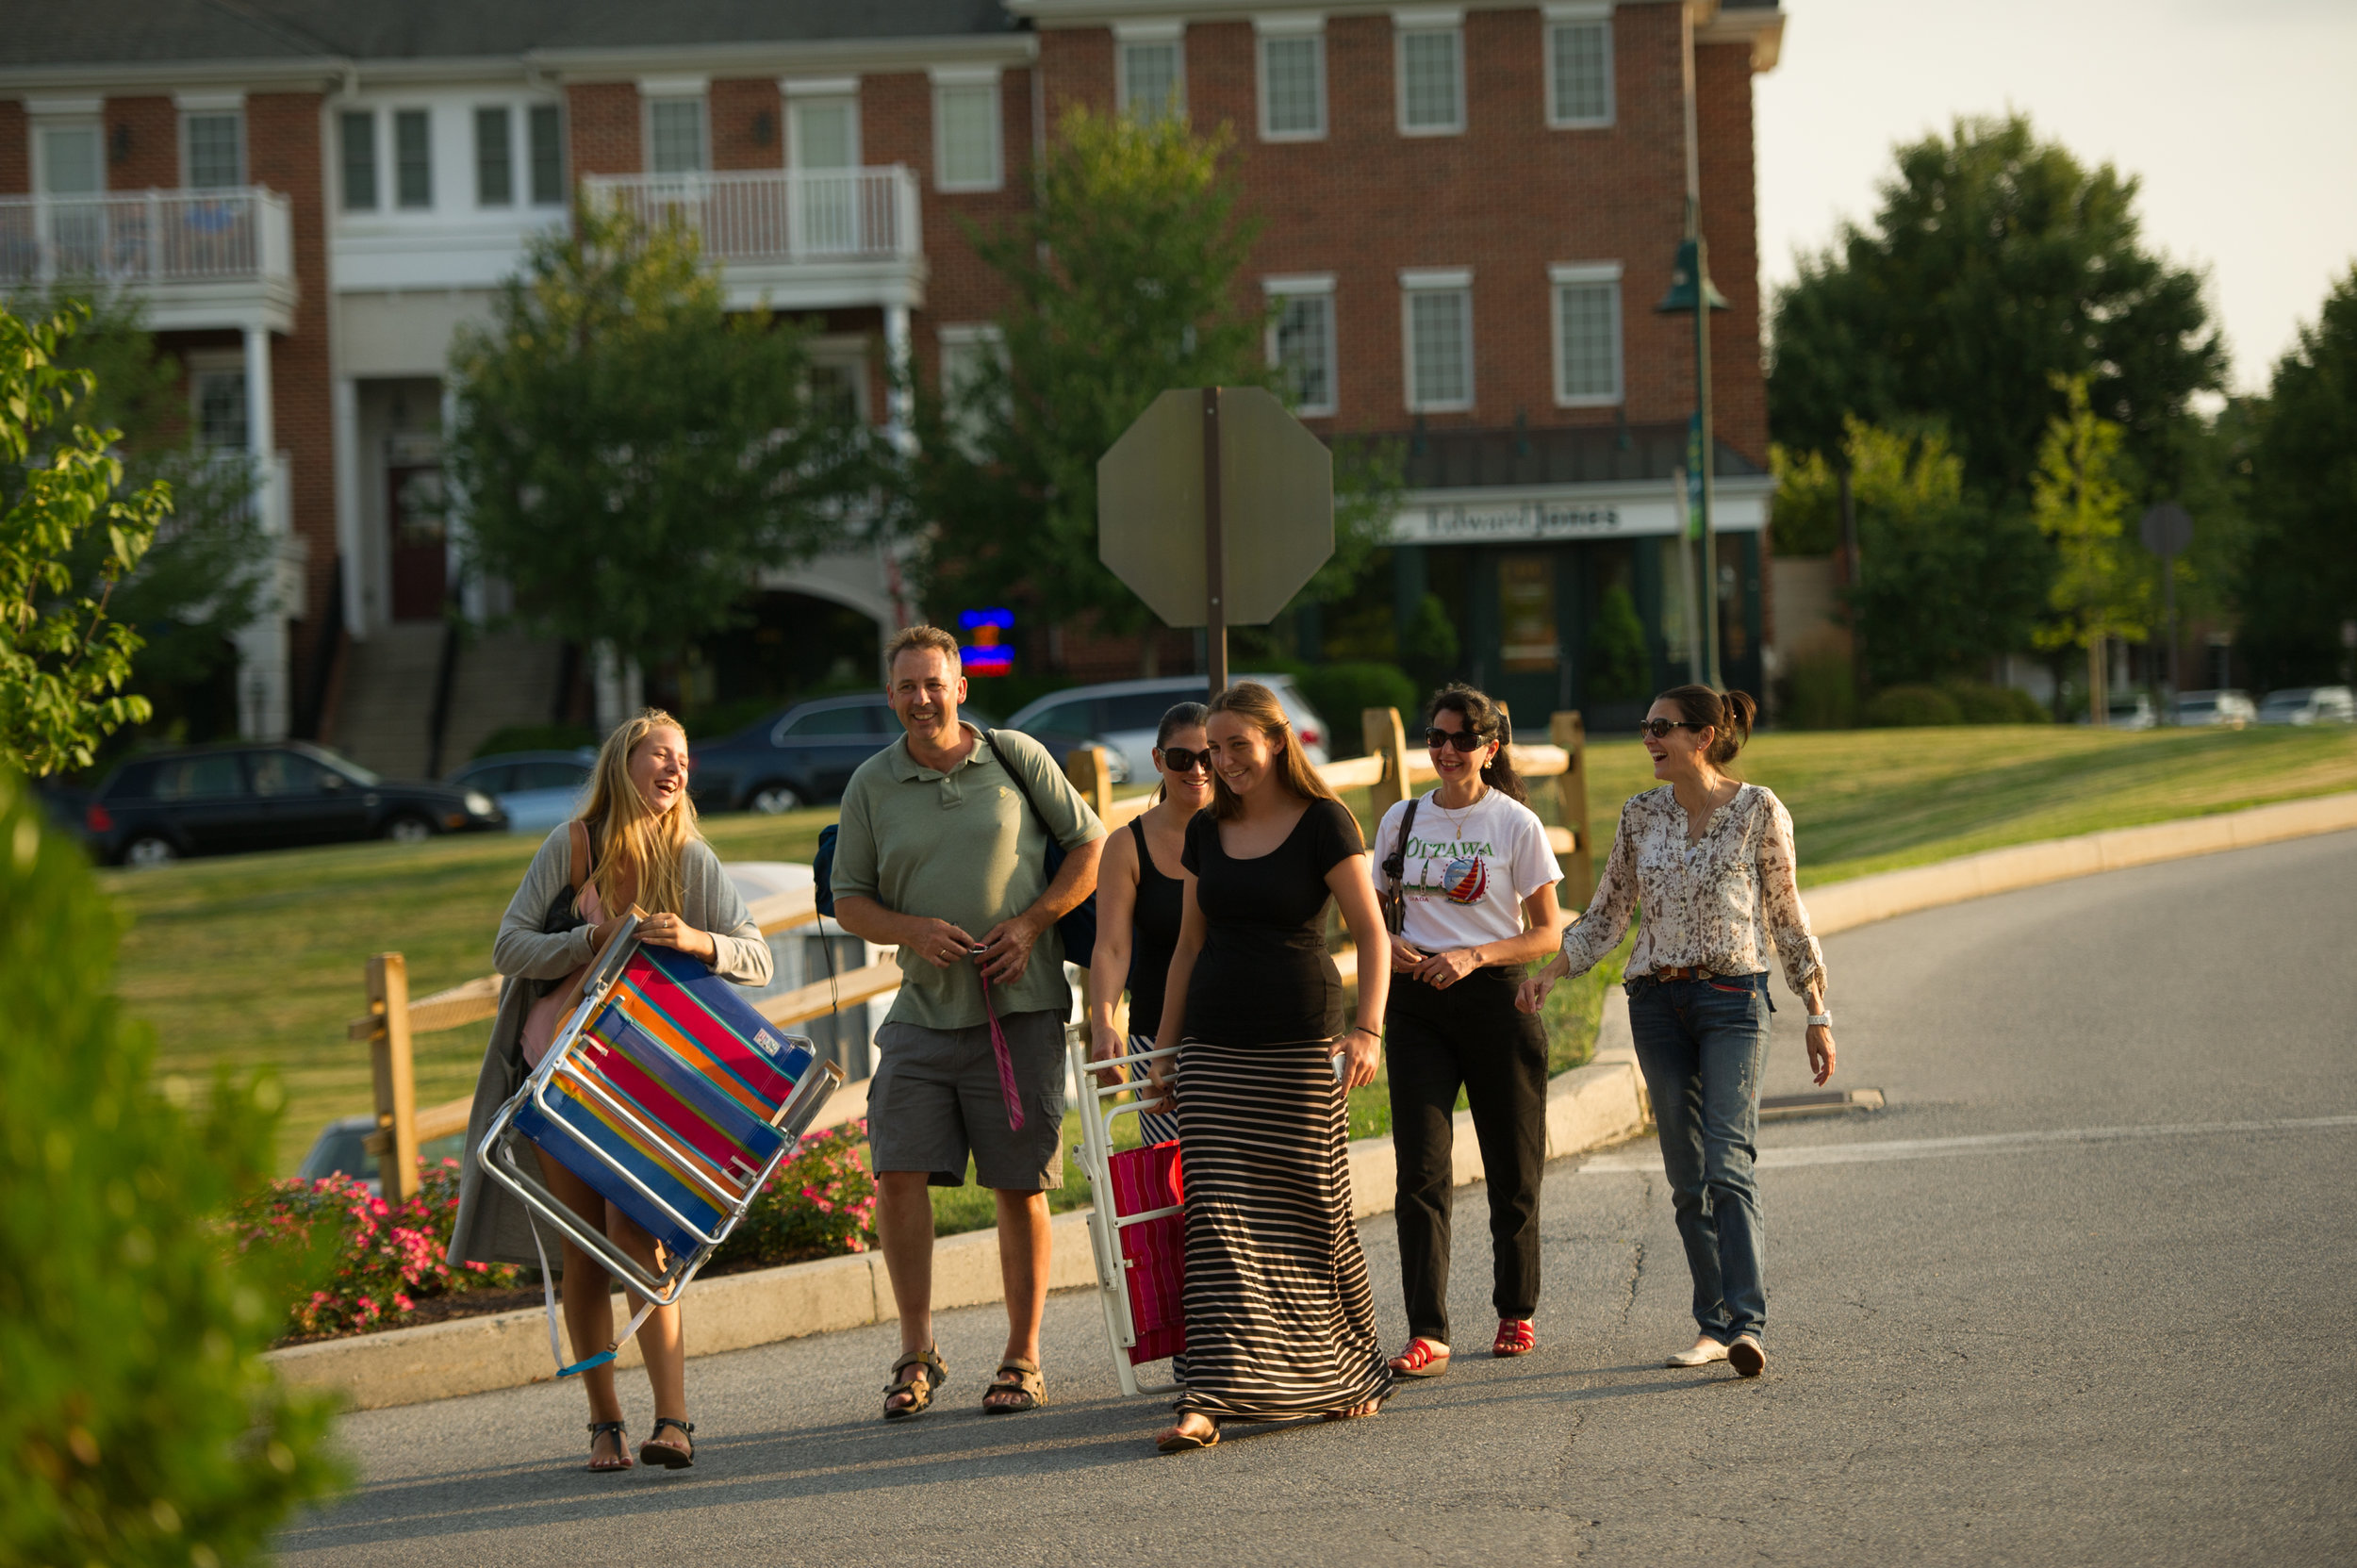 Concert People Walking in Street 2014(5).jpg